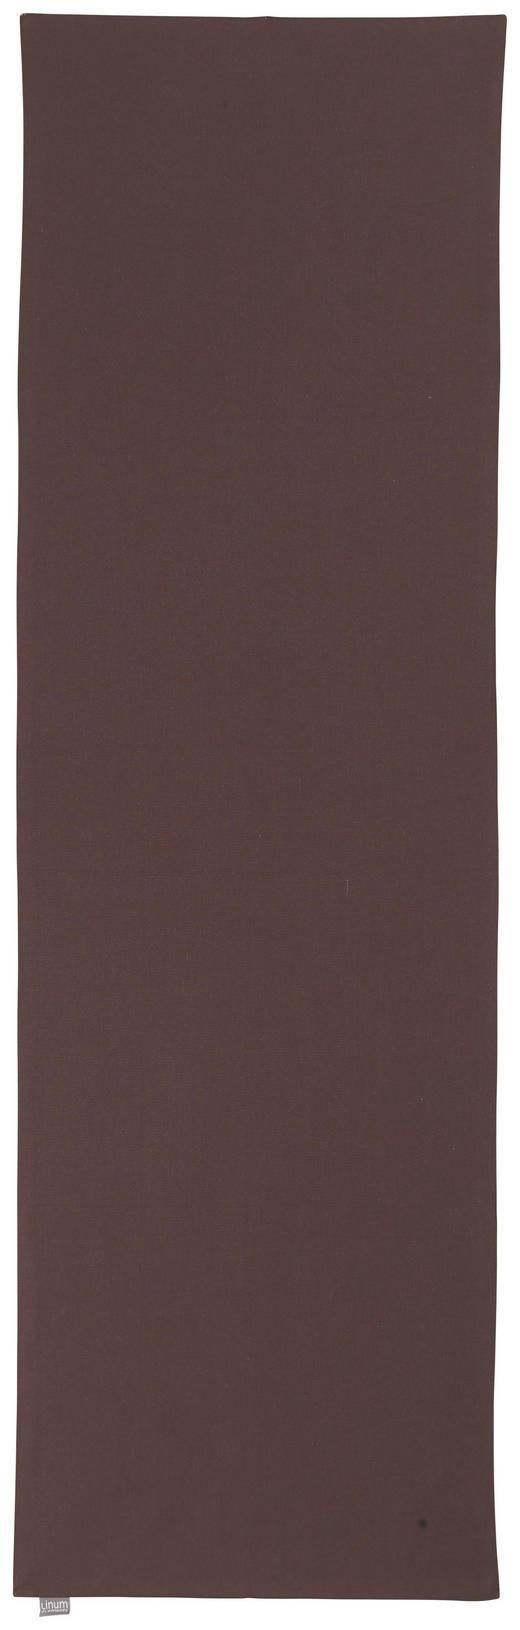 TISCHLÄUFER Textil Braun 45/150 cm - Braun, Basics, Textil (45/150cm) - Linum